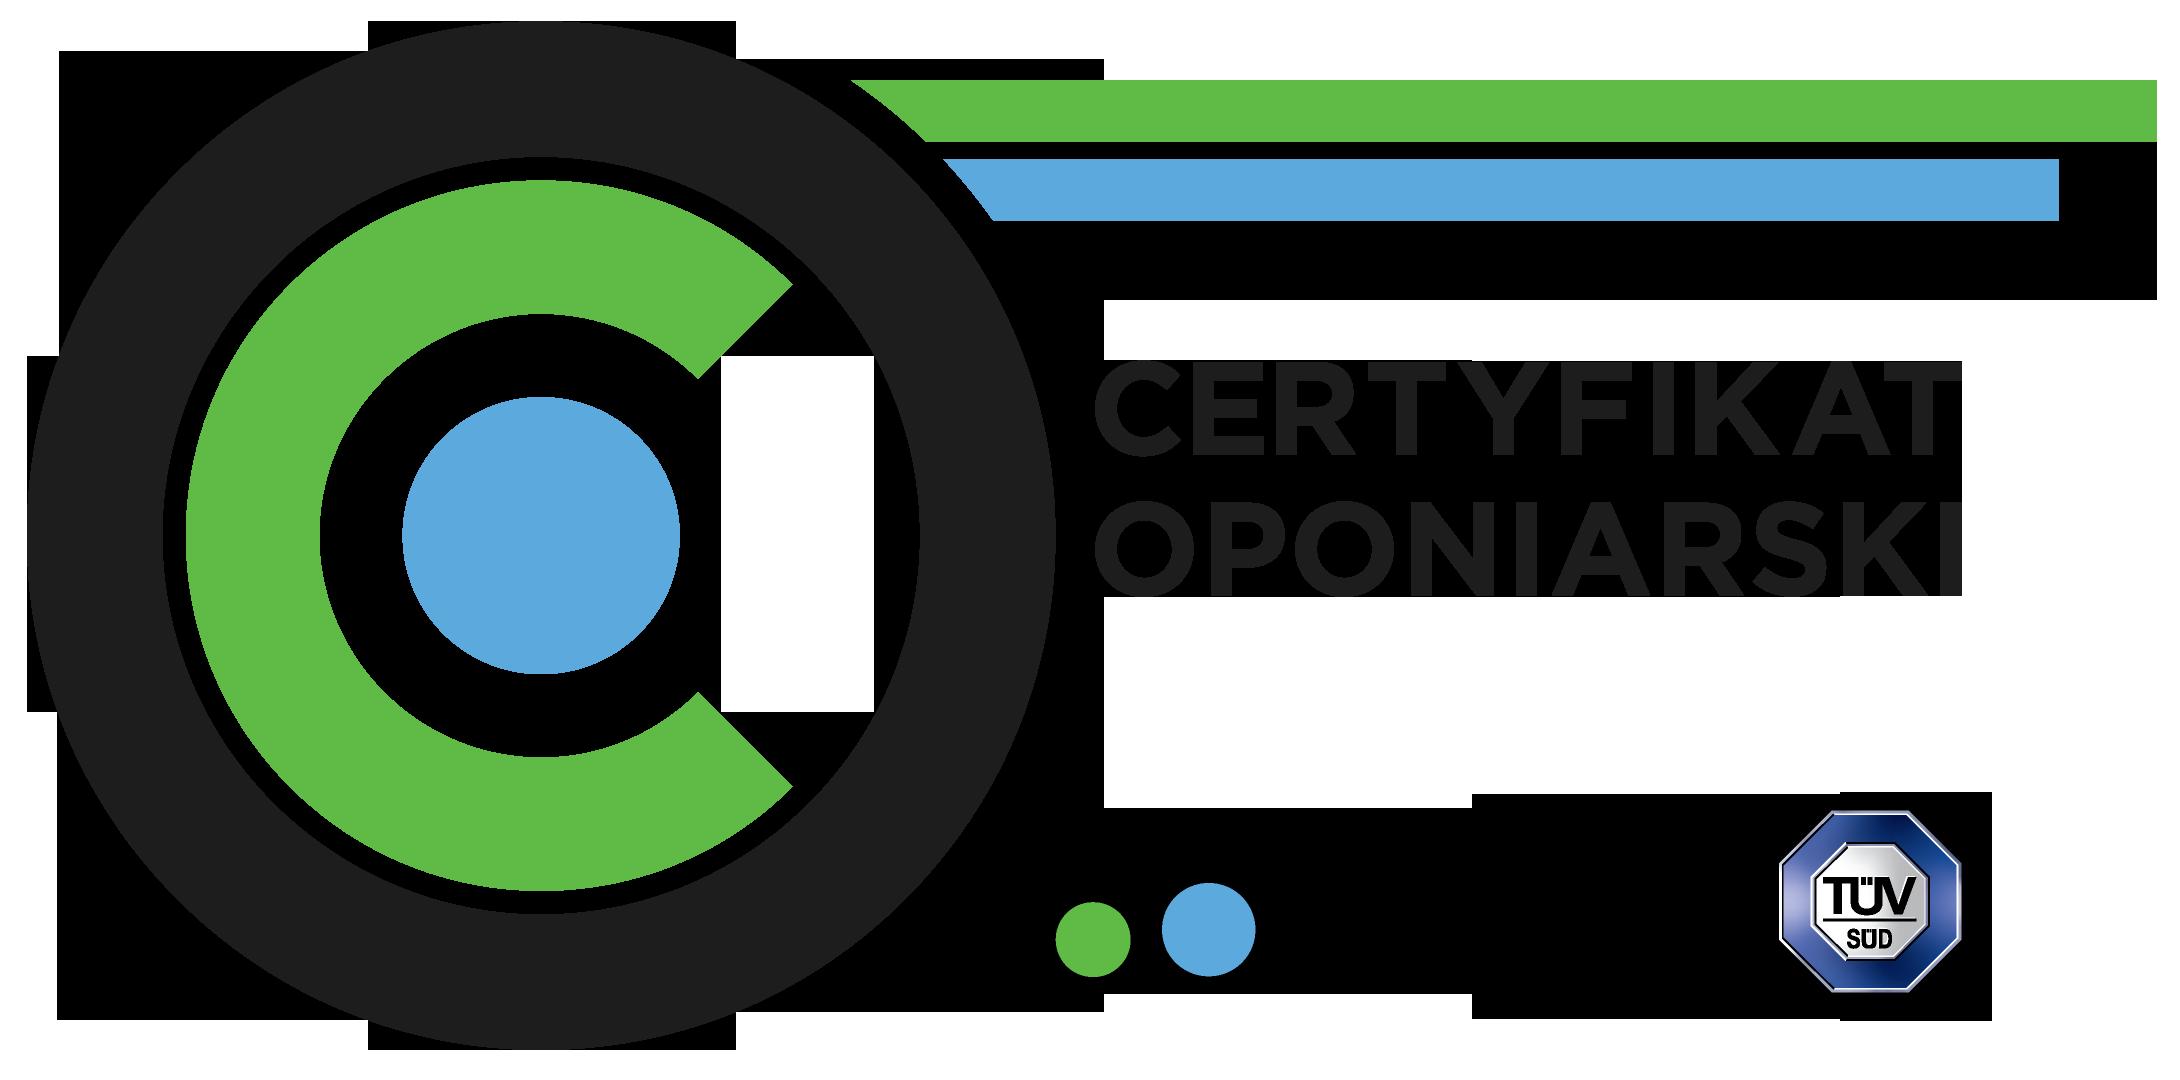 PZPO – Certyfikat Oponiarski